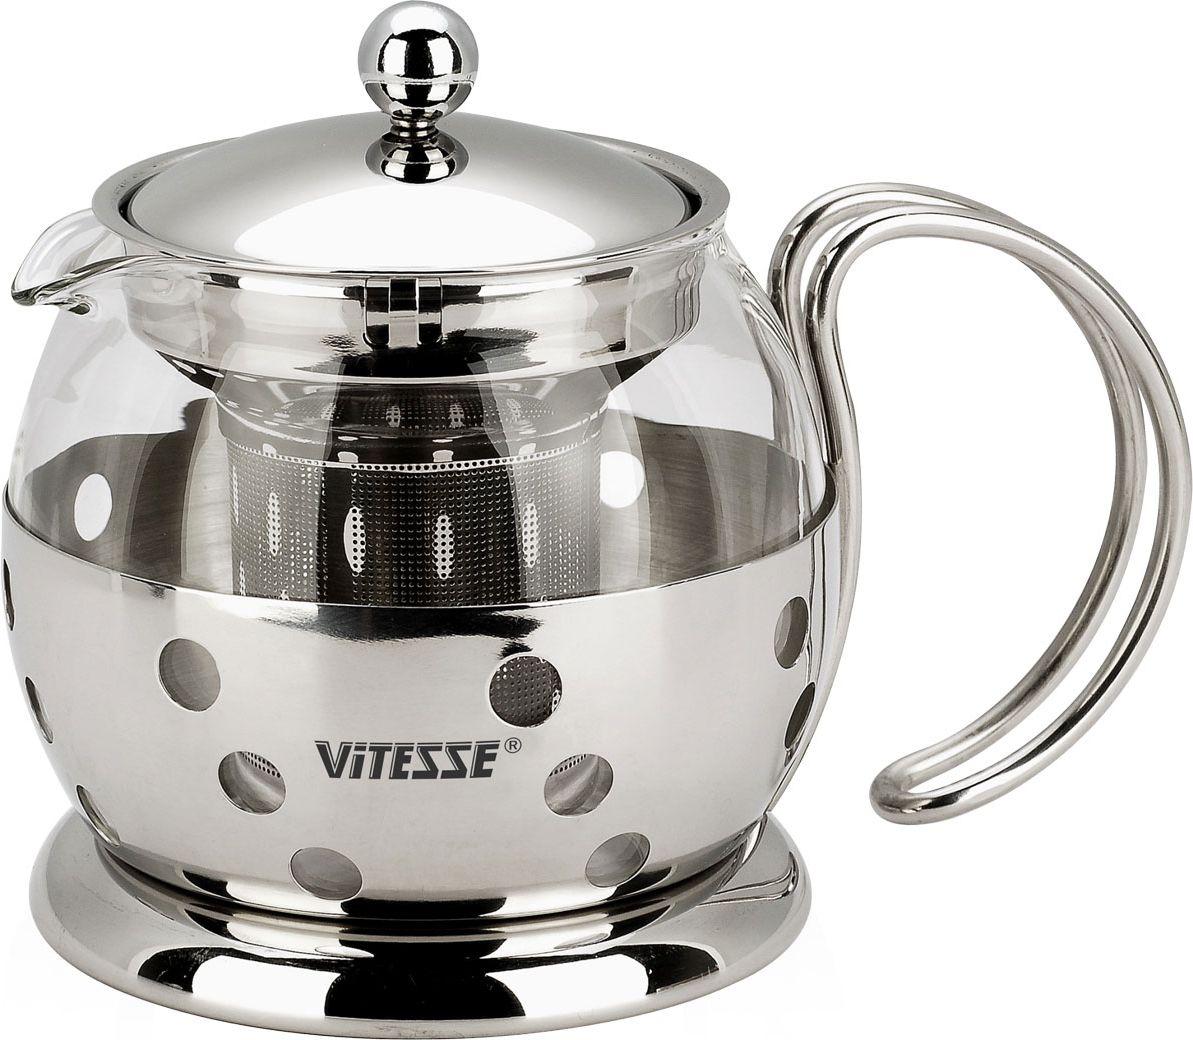 Чайник заварочный Vitesse Classic, с ситечком, 700 мл. VS-8319VS-8319Заварочный чайник Vitesse Classic, выполненный из высококачественной нержавеющей стали и термостойкого стекла, предоставит вам все необходимые возможности для успешного заваривания чая. Чай в таком чайнике дольше остается горячим, а полезные и ароматические вещества полностью сохраняются в напитке. Чайник имеет вынимающийся фильтр-ситечко, что делает его чрезвычайно удобным в использовании.Эстетичный и функциональный, с эксклюзивным дизайном, чайник будет оригинально смотреться в любом интерьере.Чайник пригоден для мытья в посудомоечной машине.Высота чайника (без учета крышки): 11 см. Диаметр основания чайника: 11 см.